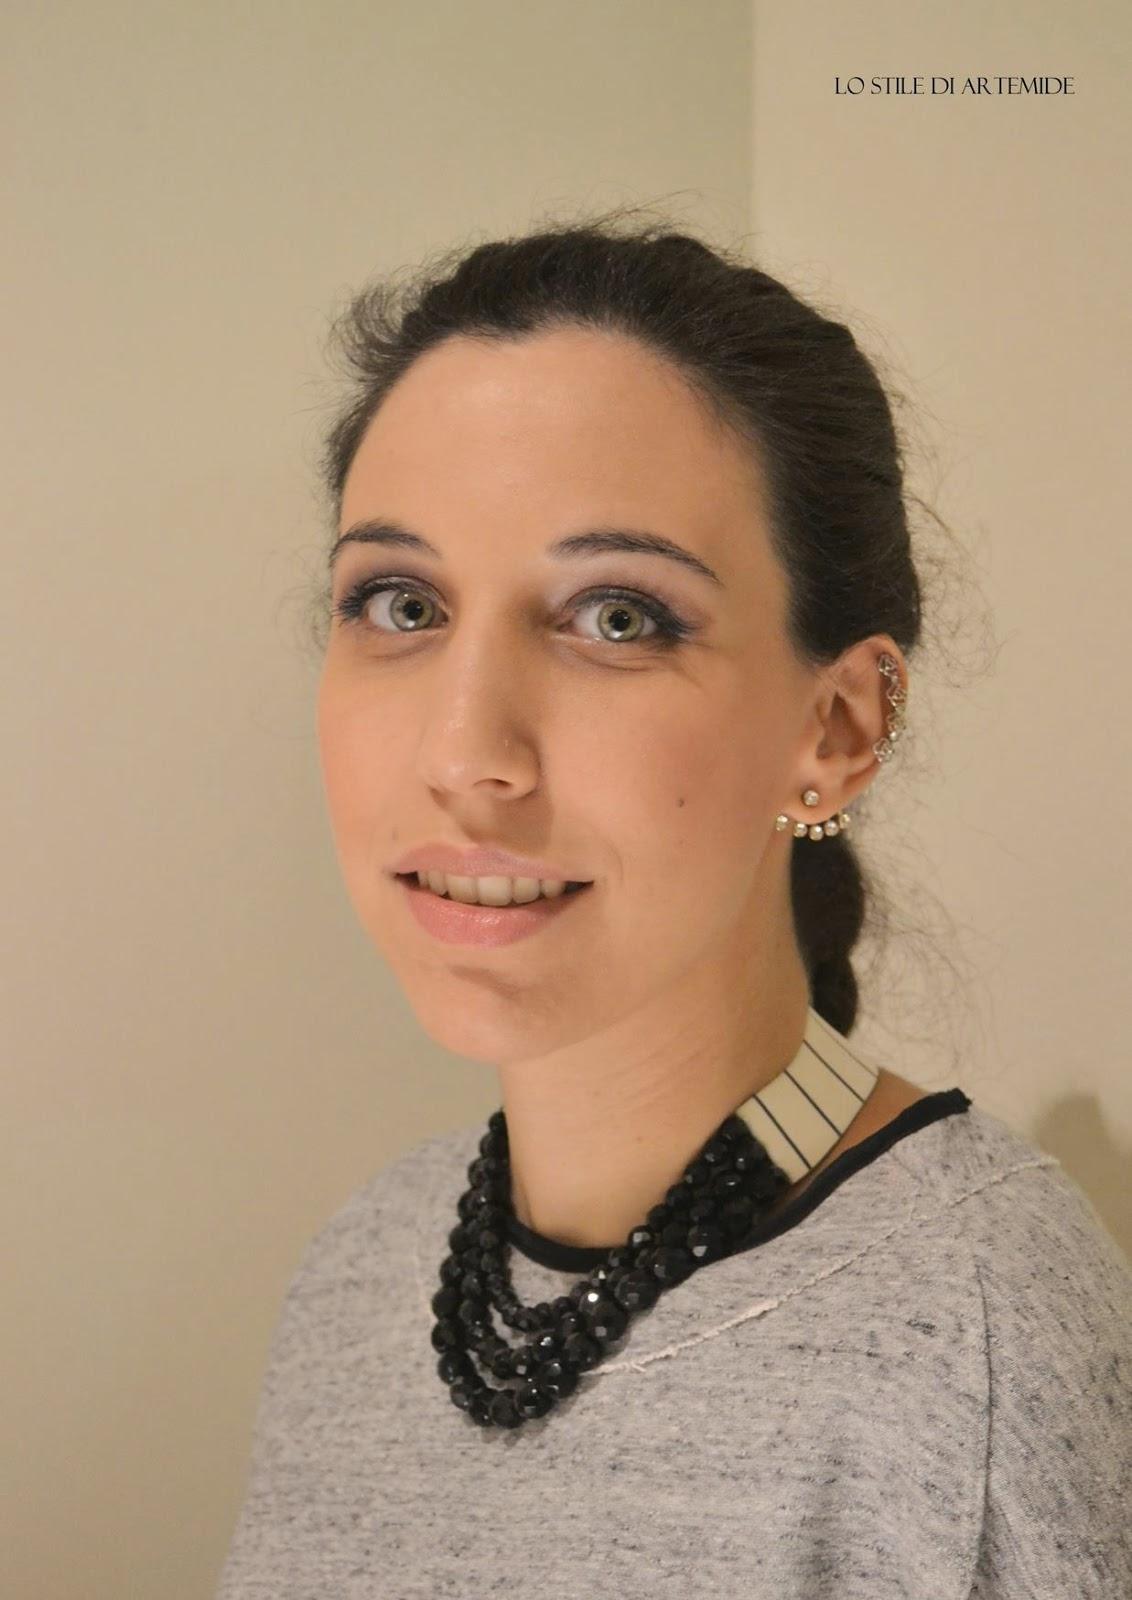 Rossana Fani